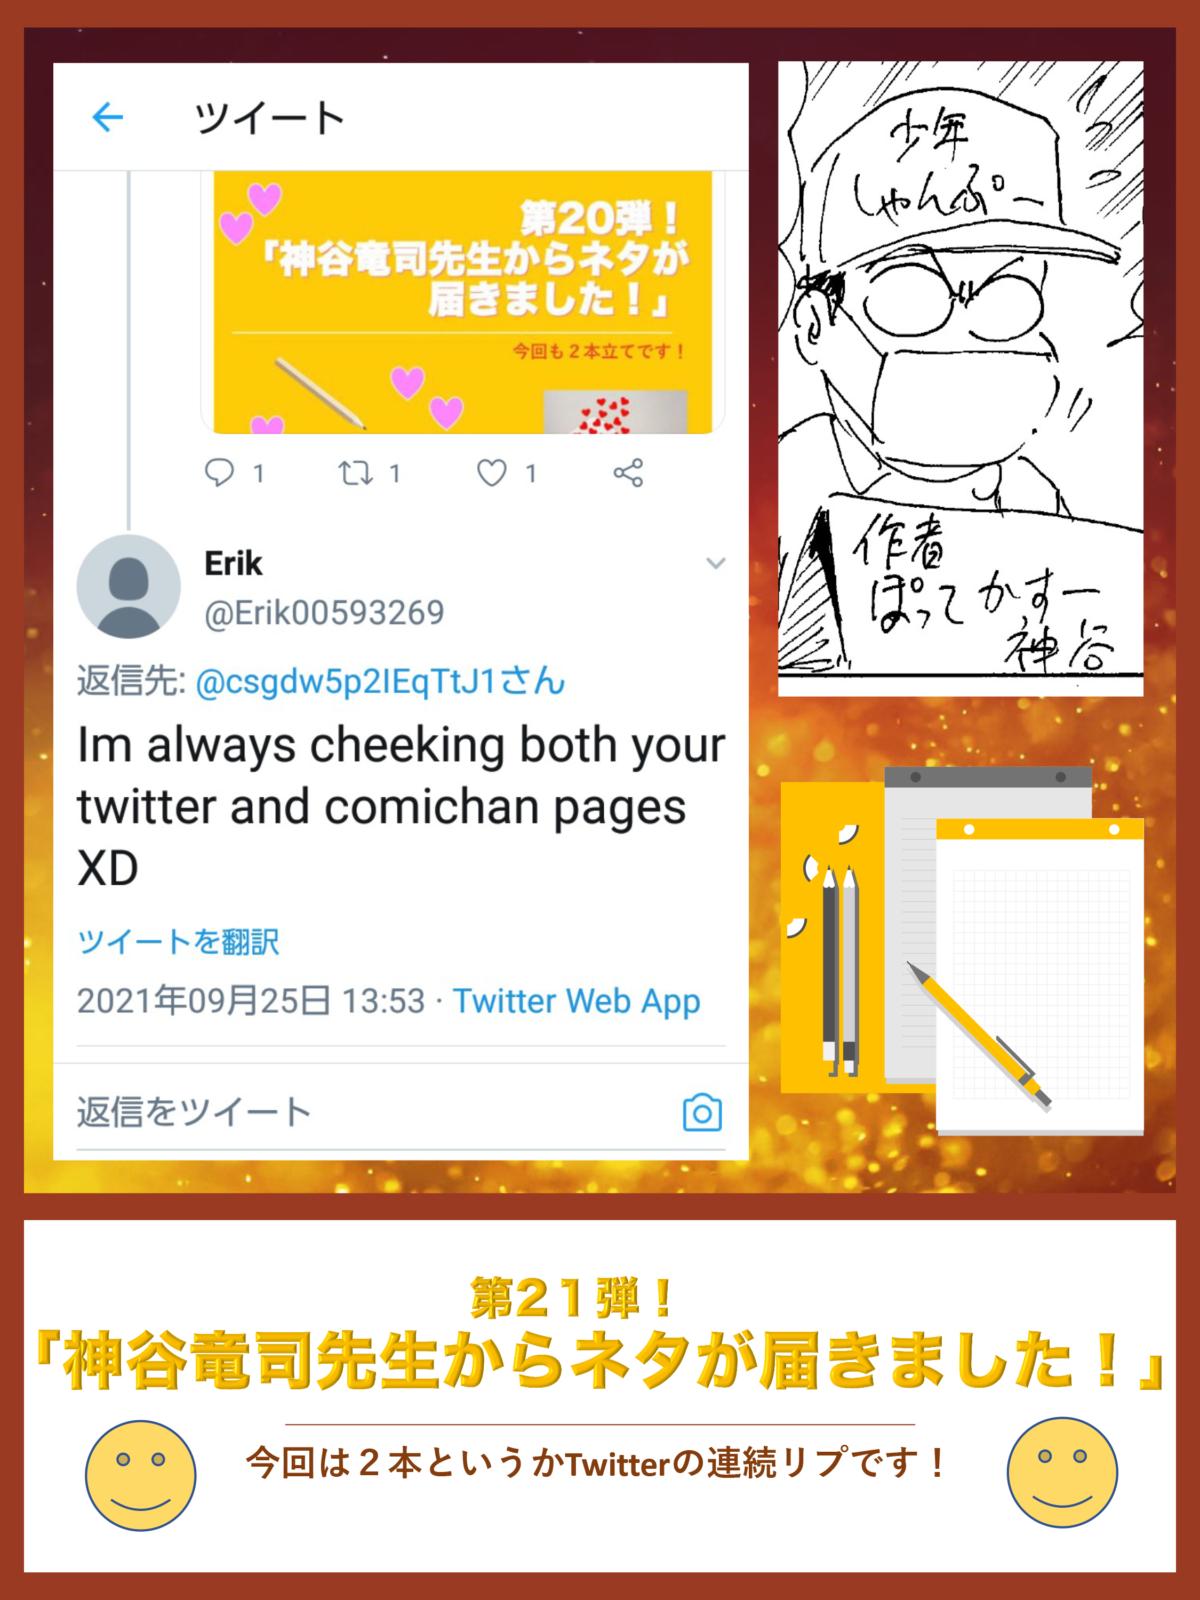 その21です! 今回は2本というかTwitterの連続リプです!「神谷竜司先生からネタが届きました!」